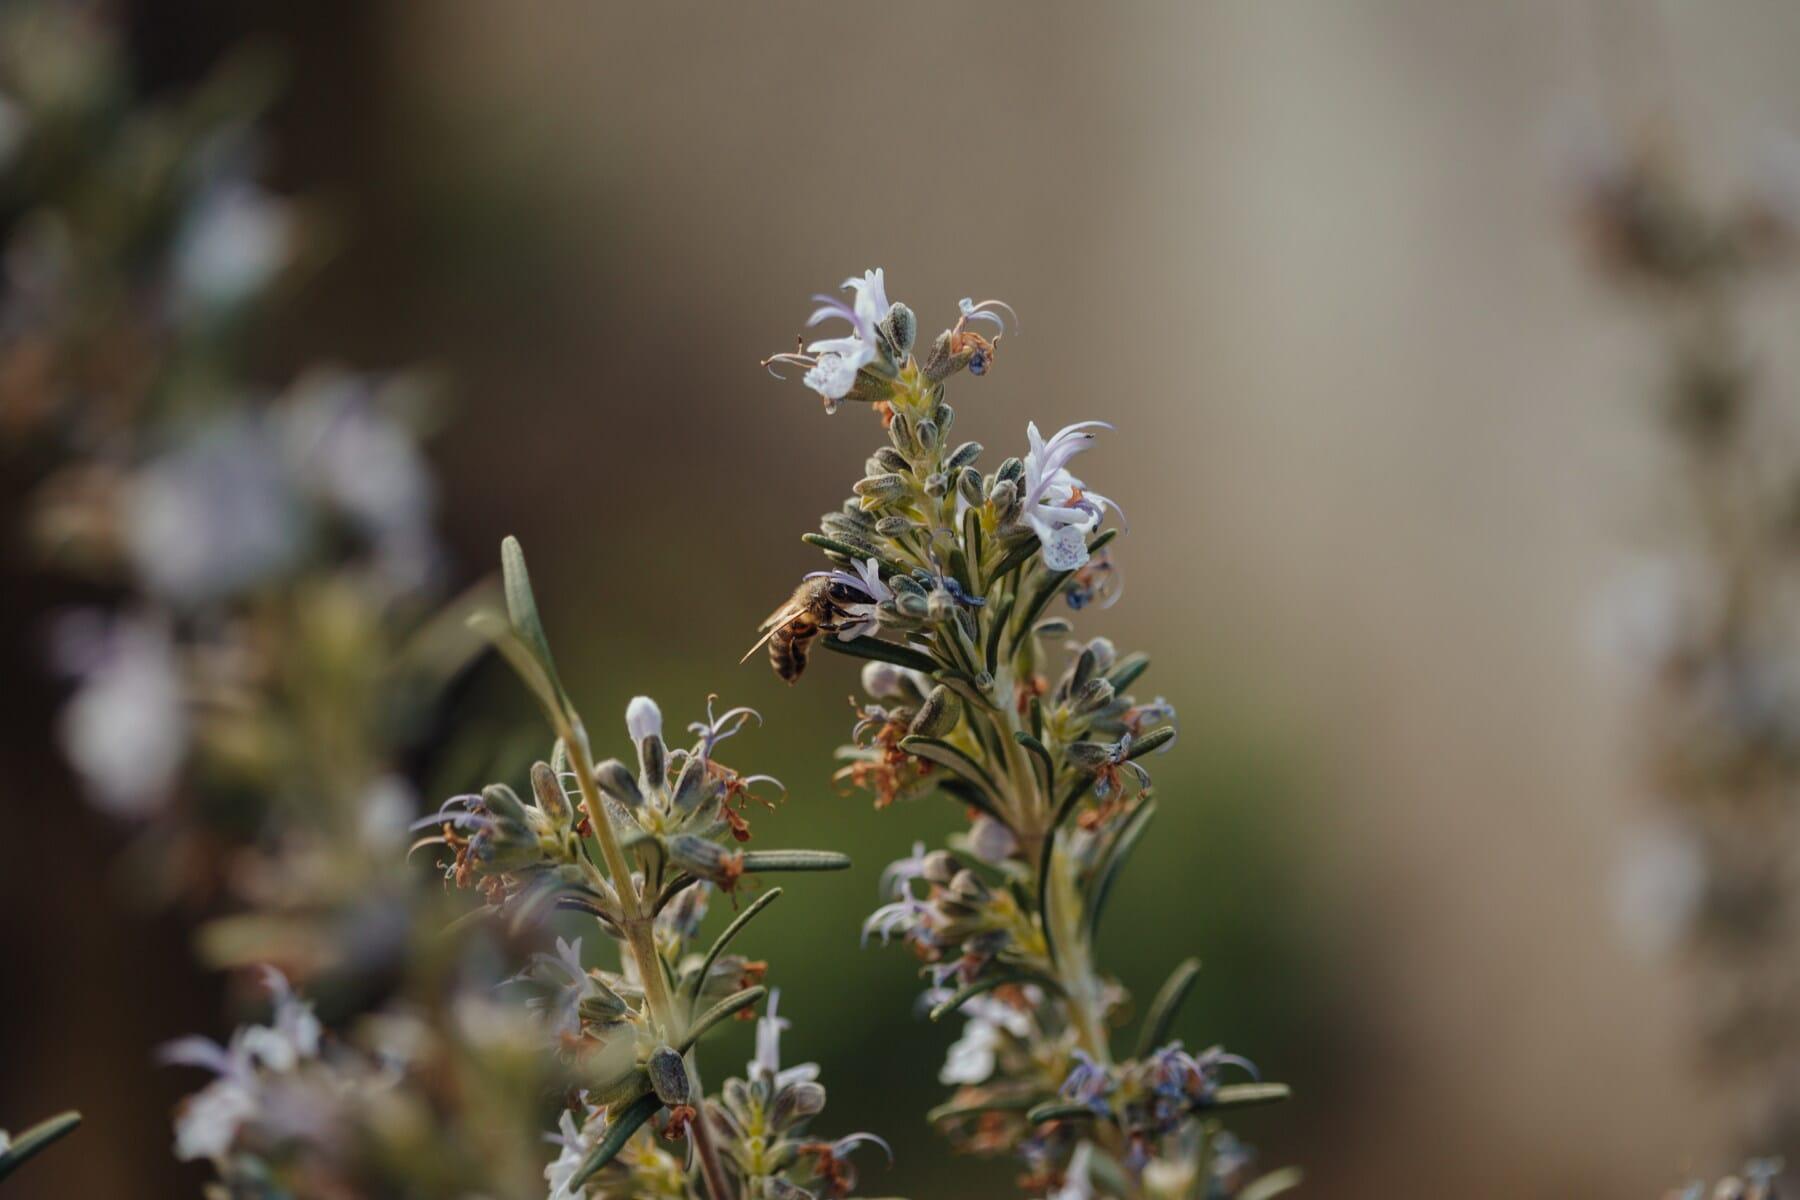 abeille, abeille, insecte, branches, printemps, romarin, nature, printemps, jardin, fleur